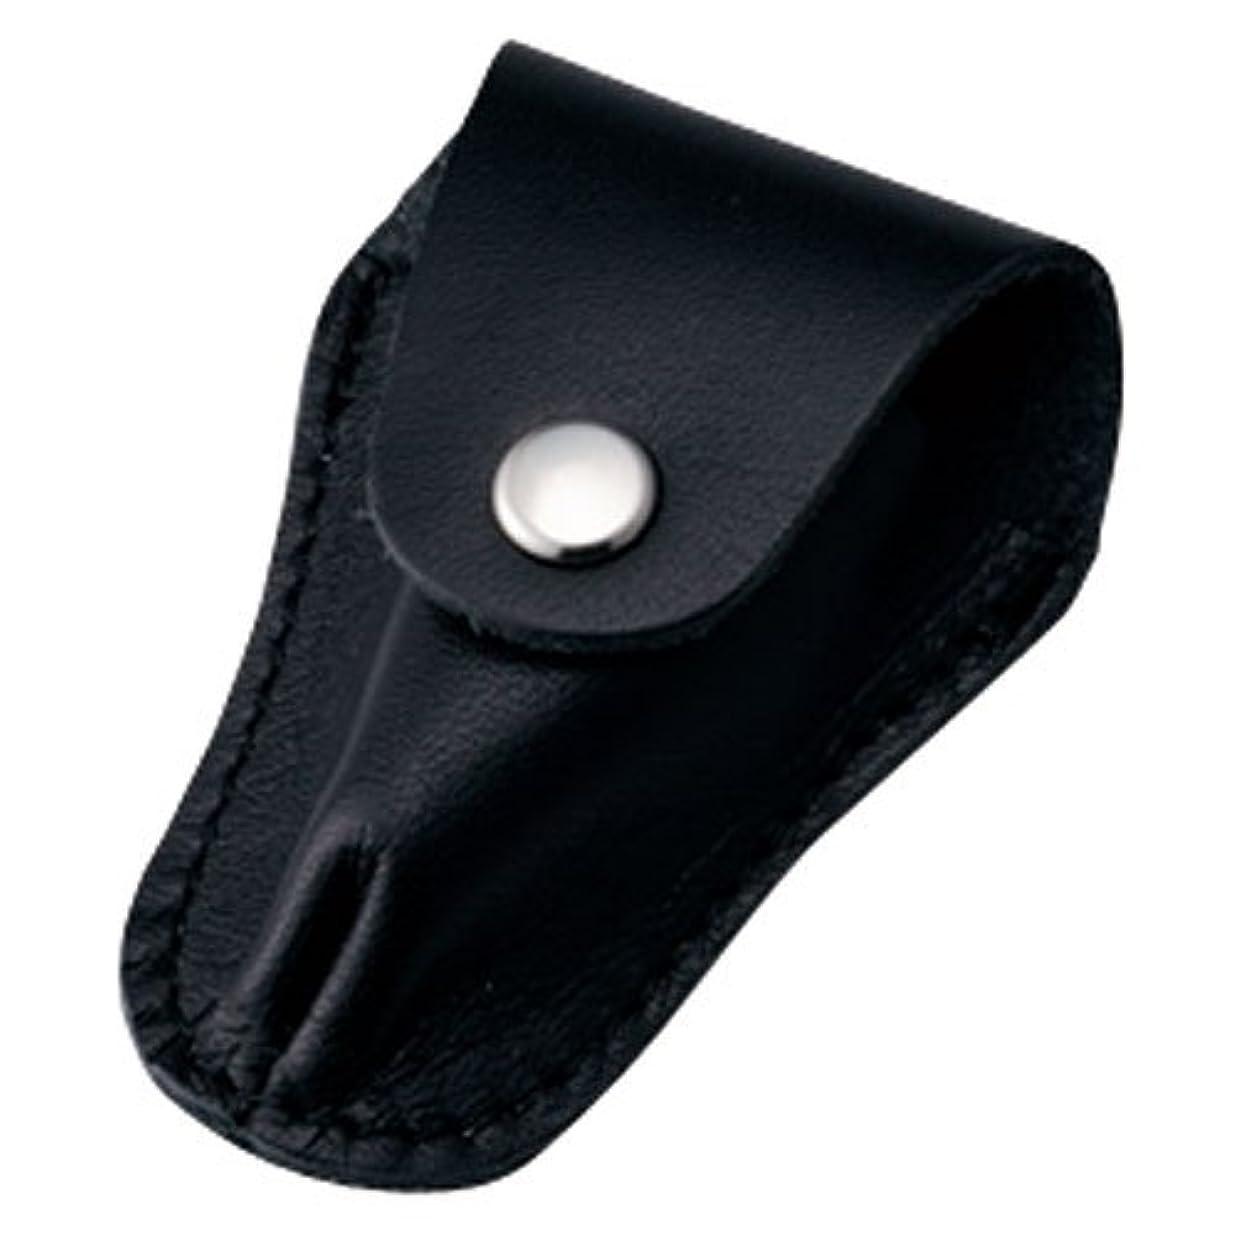 ルネッサンストラフィック衝突コース内海 ニッパーキャップL ブラック 本革製のキューティクルニッパー用刃先カバー